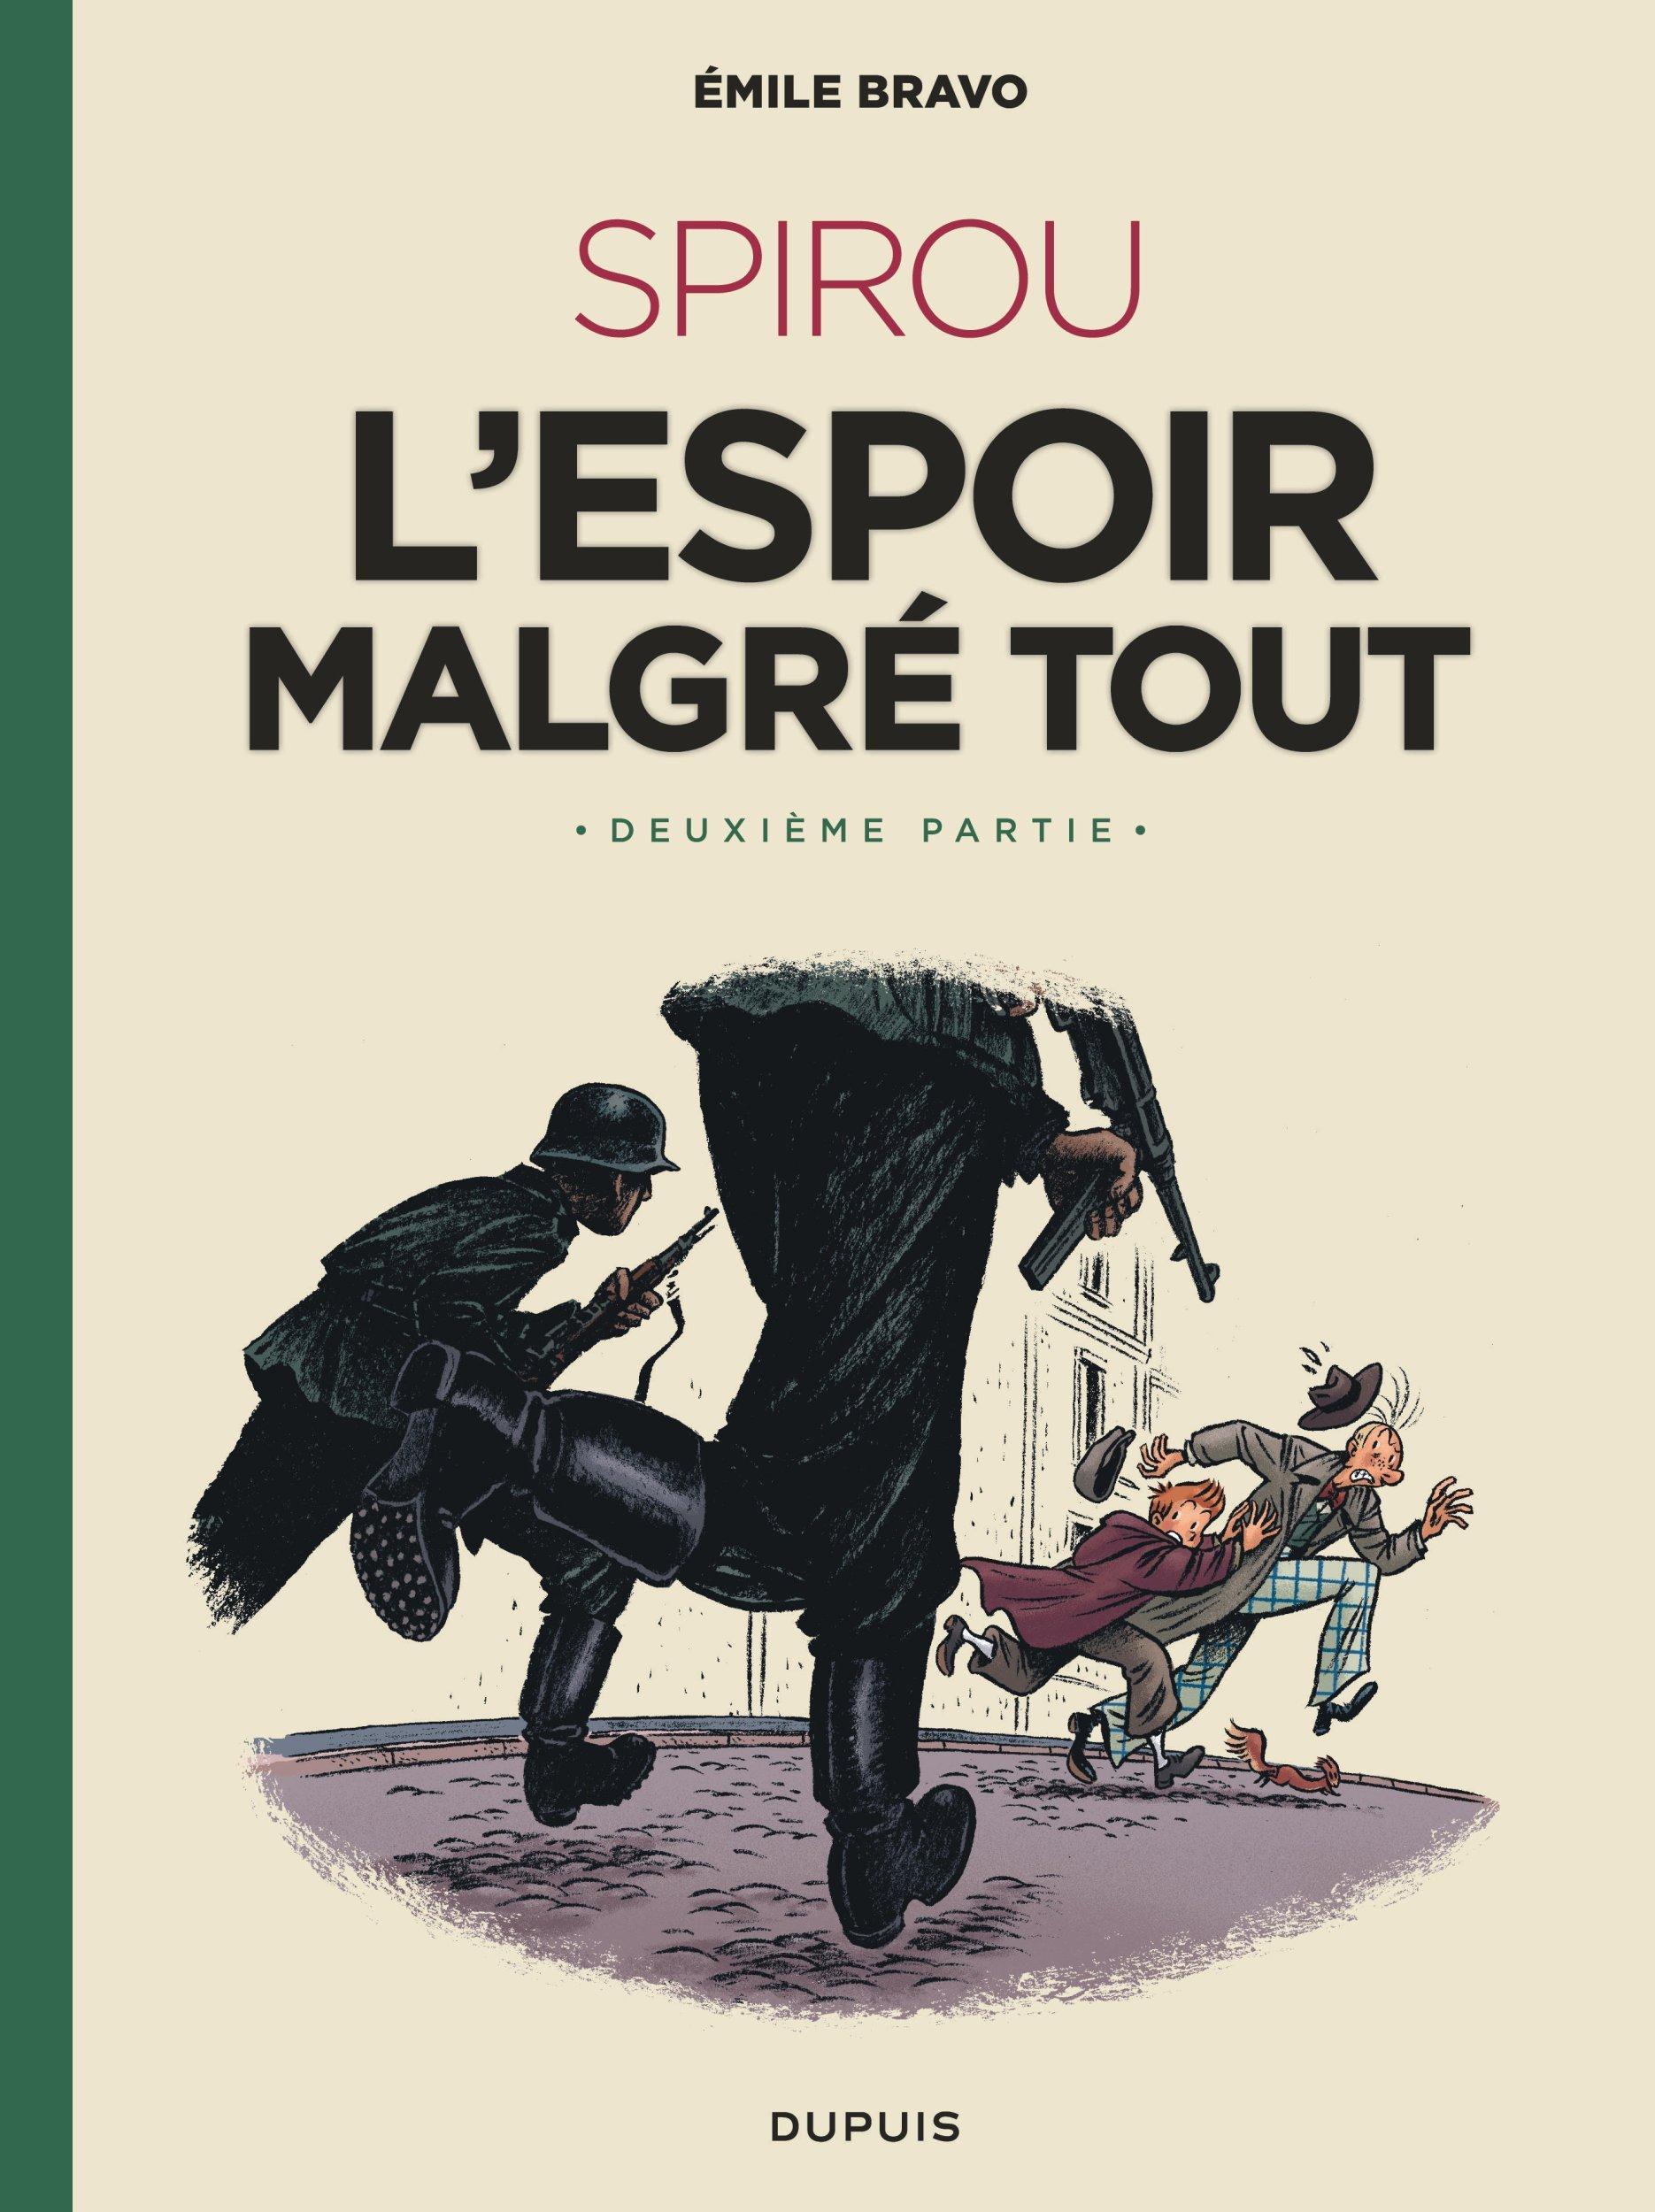 LE SPIROU D'EMILE BRAVO - TOME 3 - SPIROU L'ESPOIR MALGRE TOUT (DEUXIEME PARTIE)